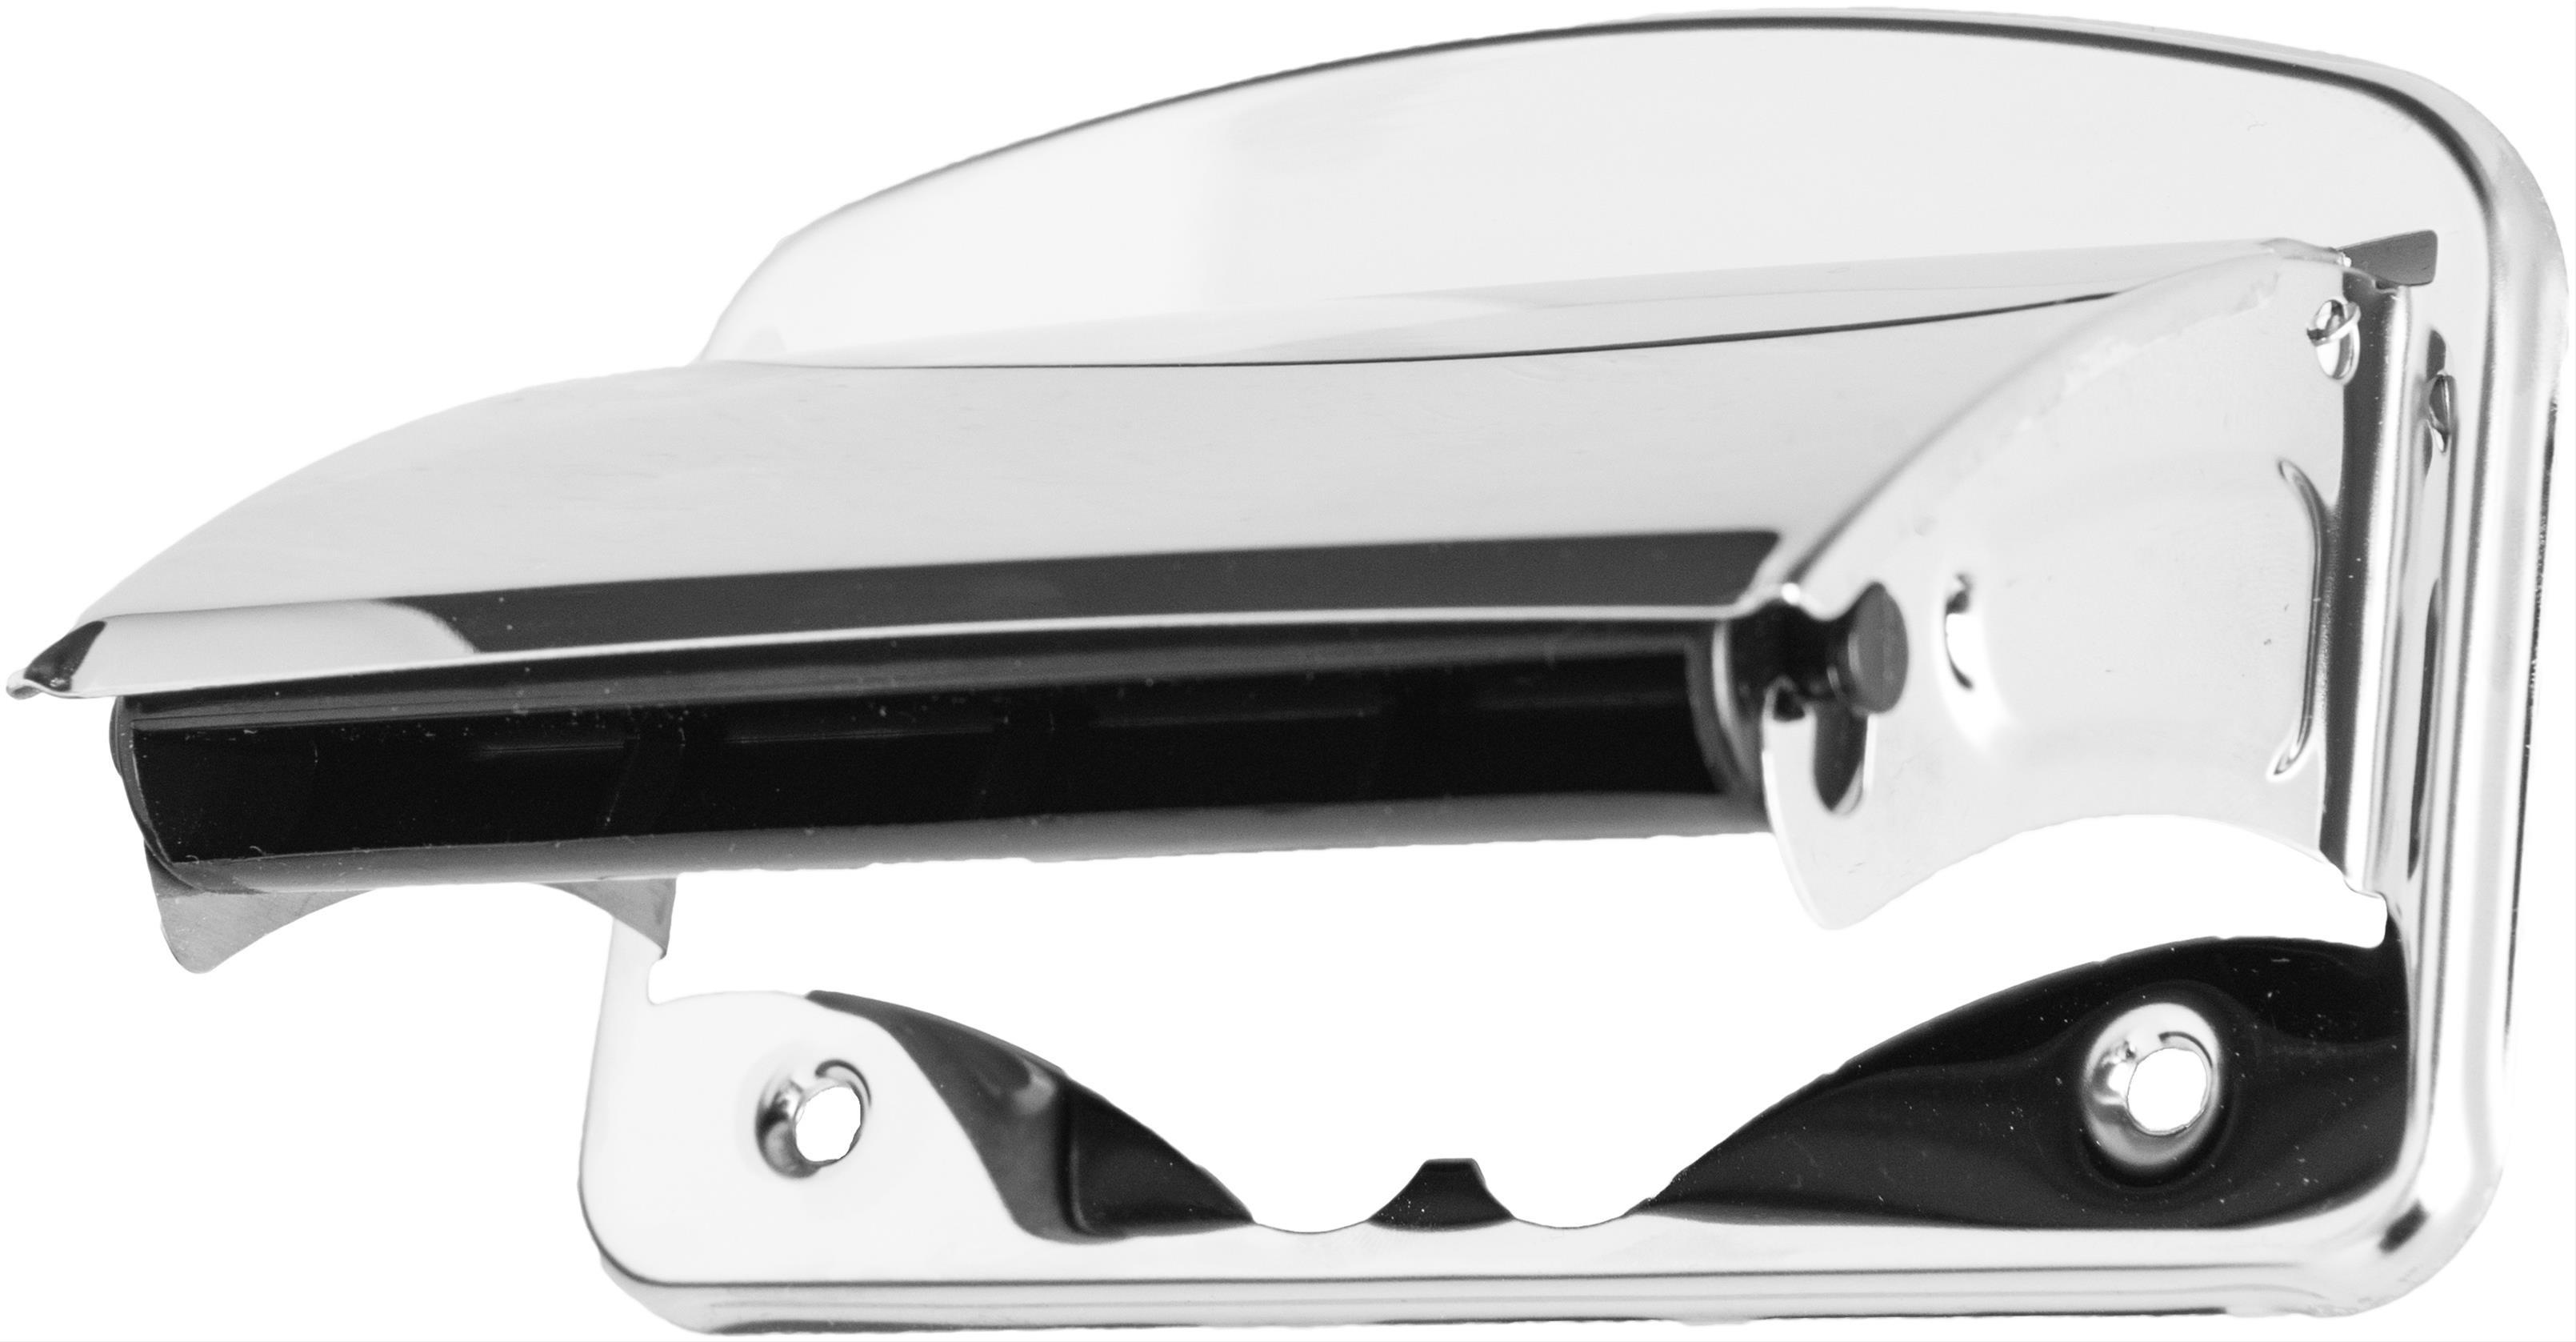 Papierhalter mit Deckel chrom Bild 1